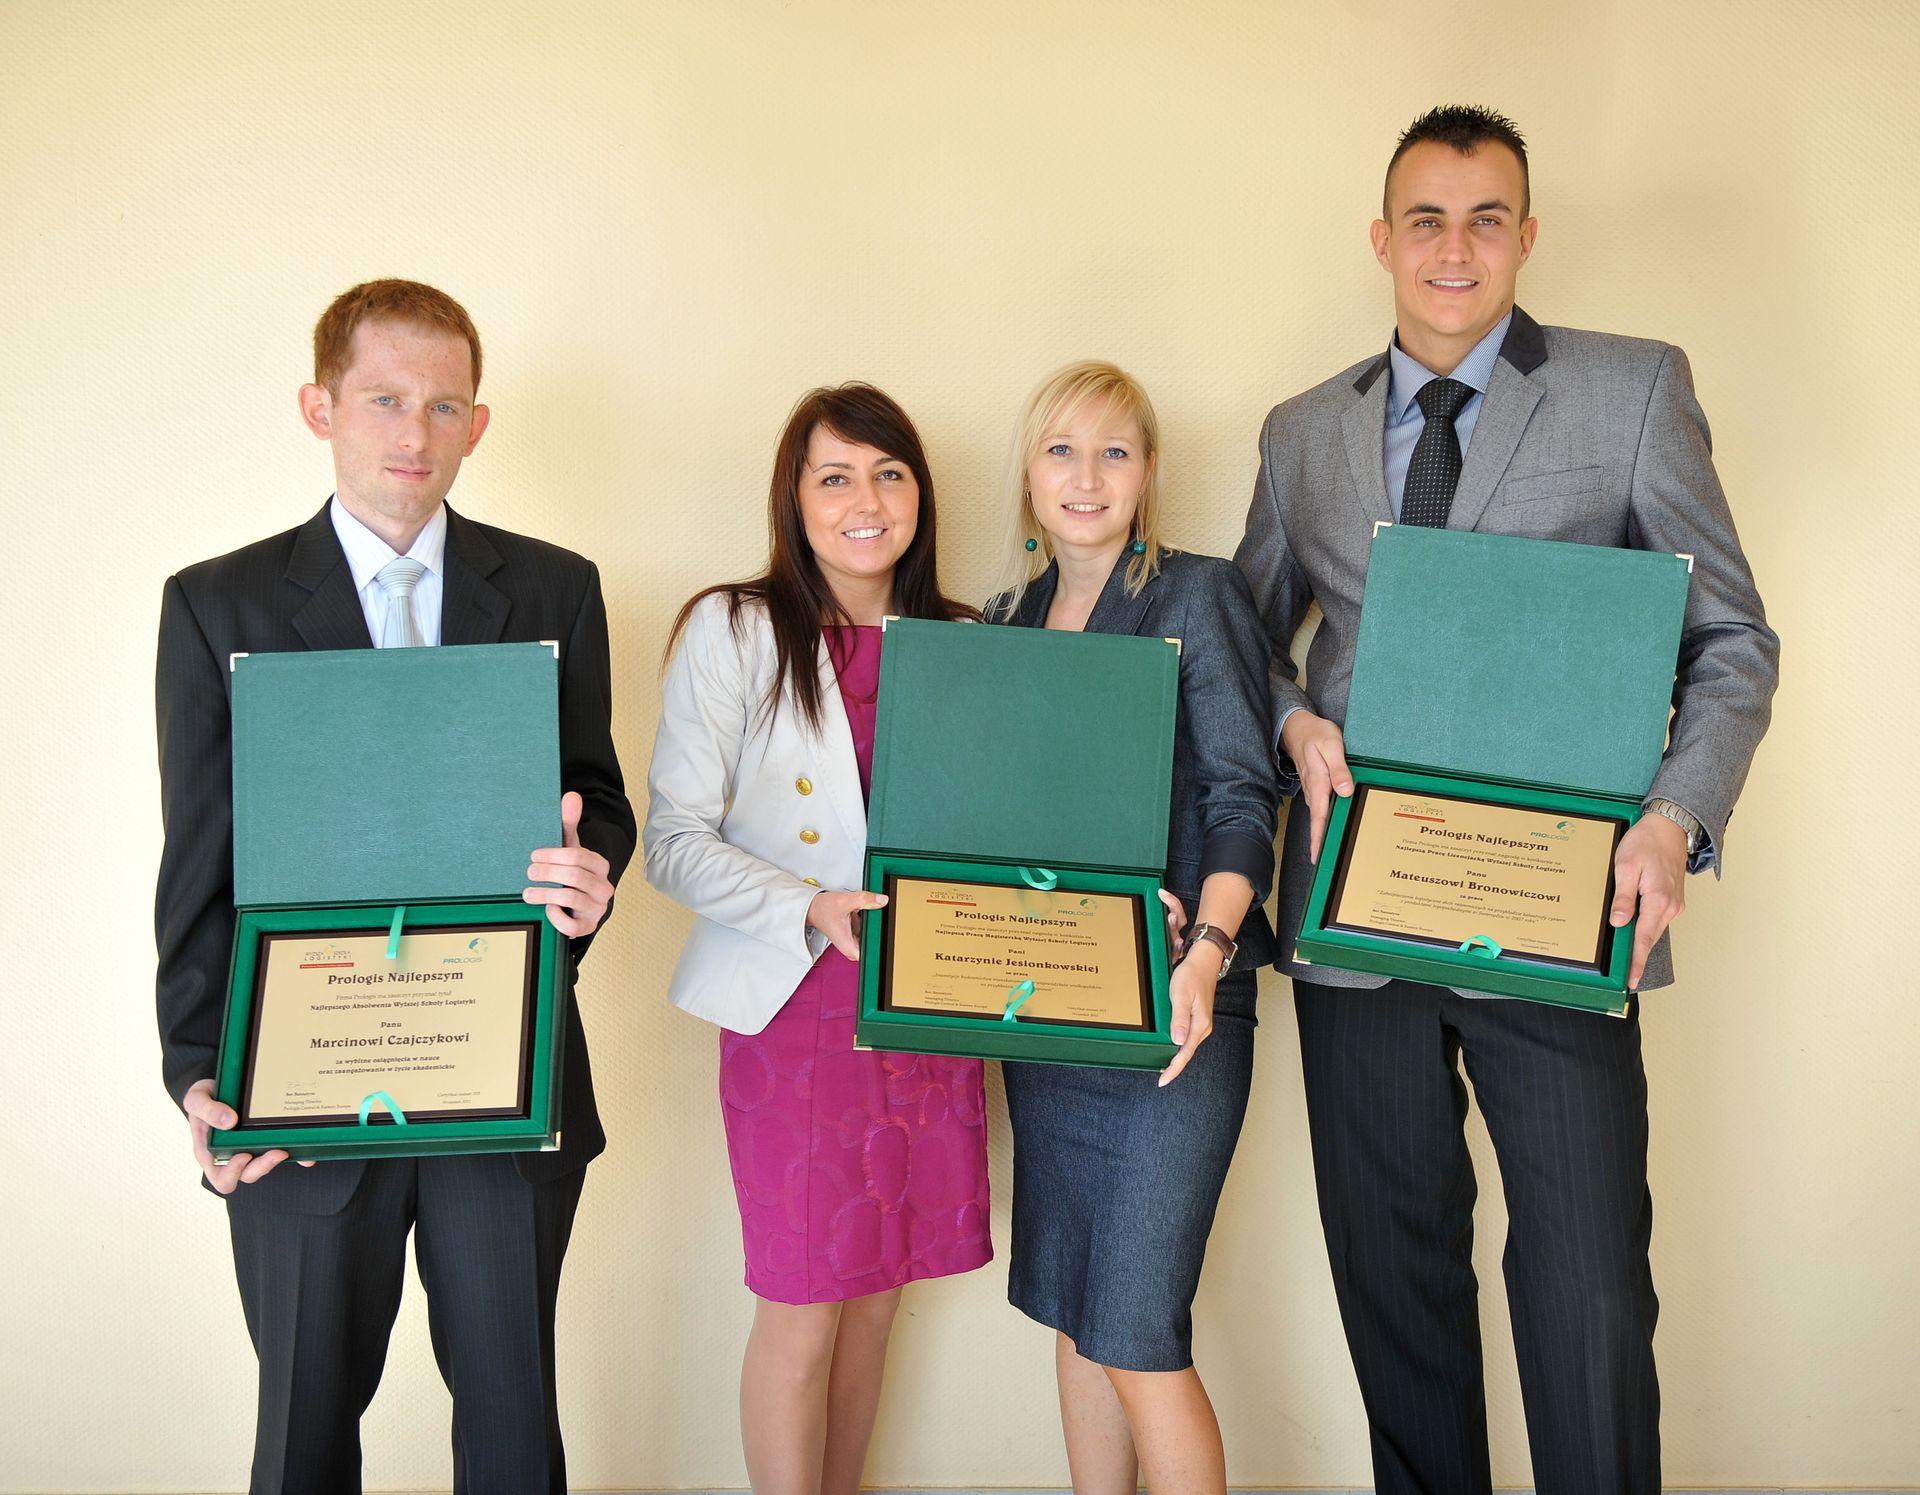 Wręczono Nagrody w Konkursie Prologis Najlepszym - Edycja 2011